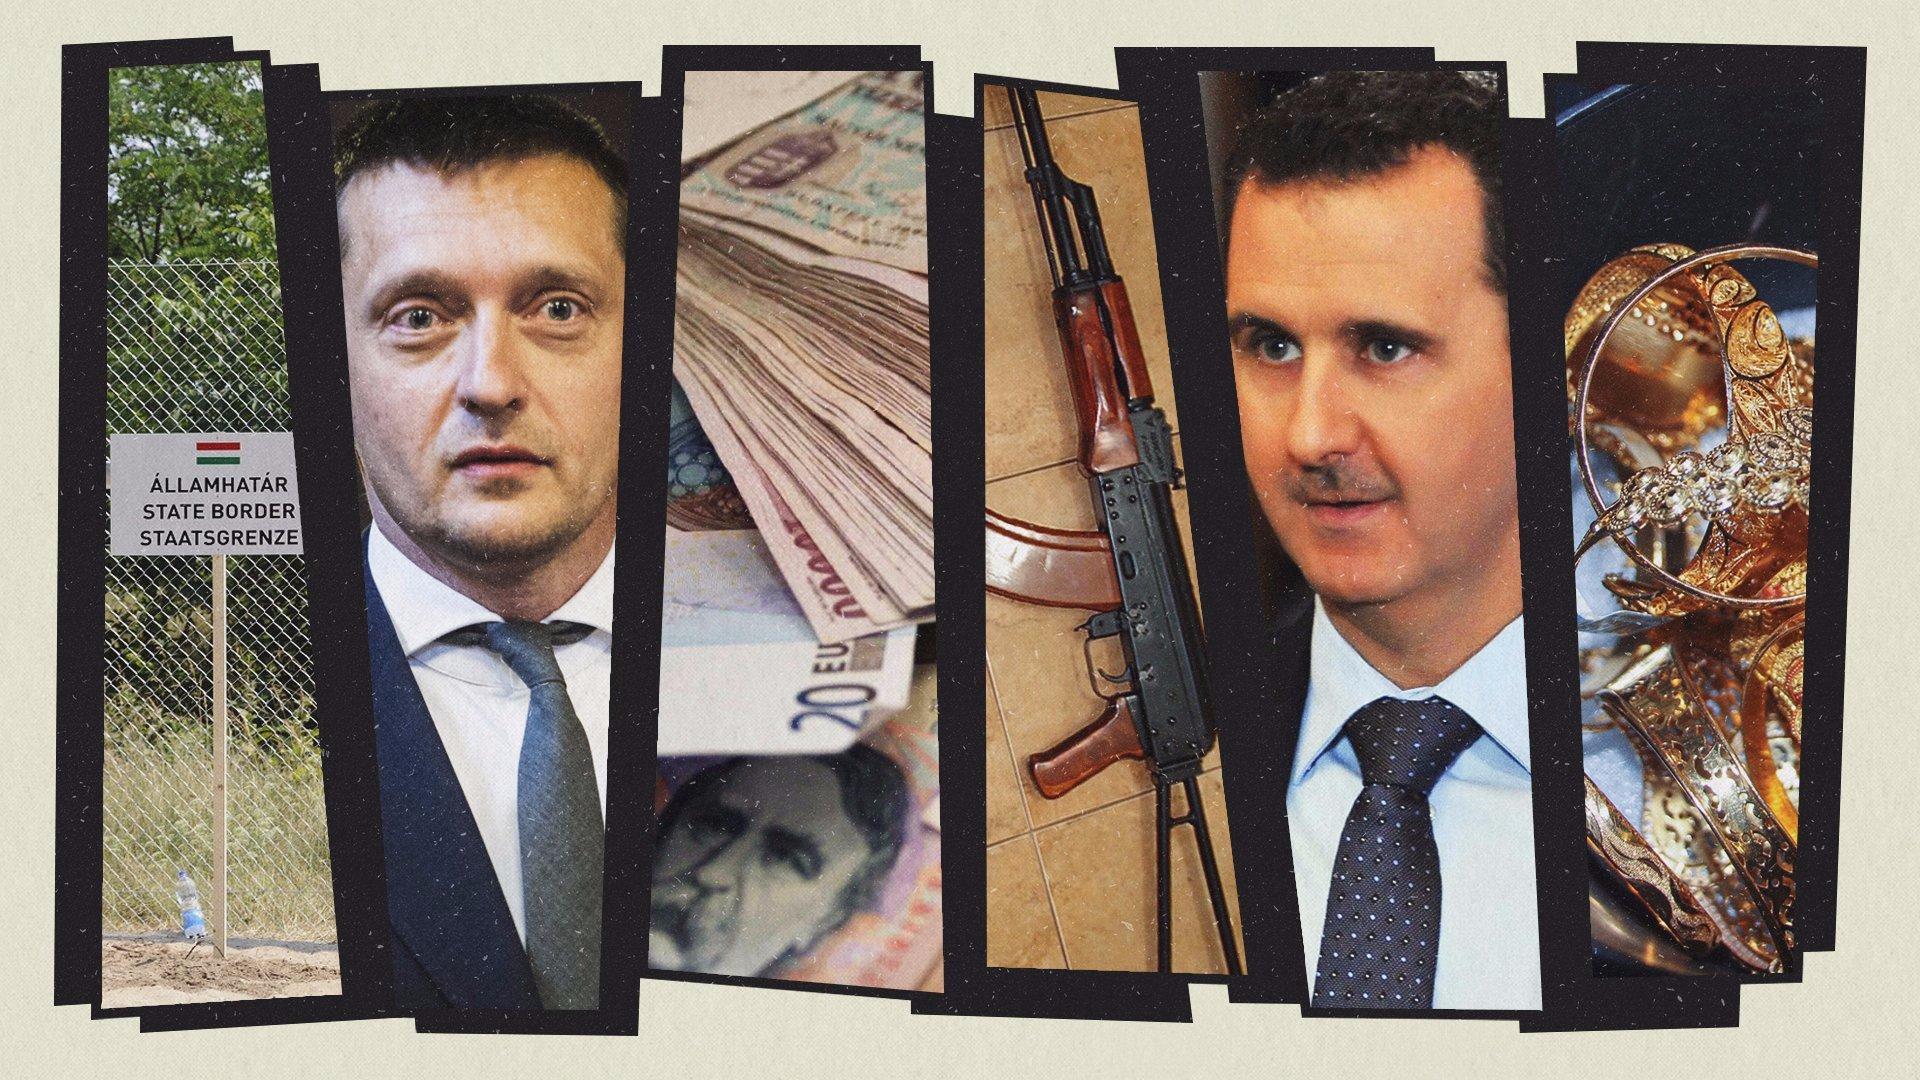 Friss hírek: Aleppóból Pesterzsébetre tette át a székhelyét, majd beszállt a Rogán-féle programban a férfi, akit tavaly novemberben kommandósok vittek el. Olyan szír üzletembert is beengedtek Magyarországra, akit az amerikai kormány szerint emberi jogi jogsértések miatt terhel felelősség.